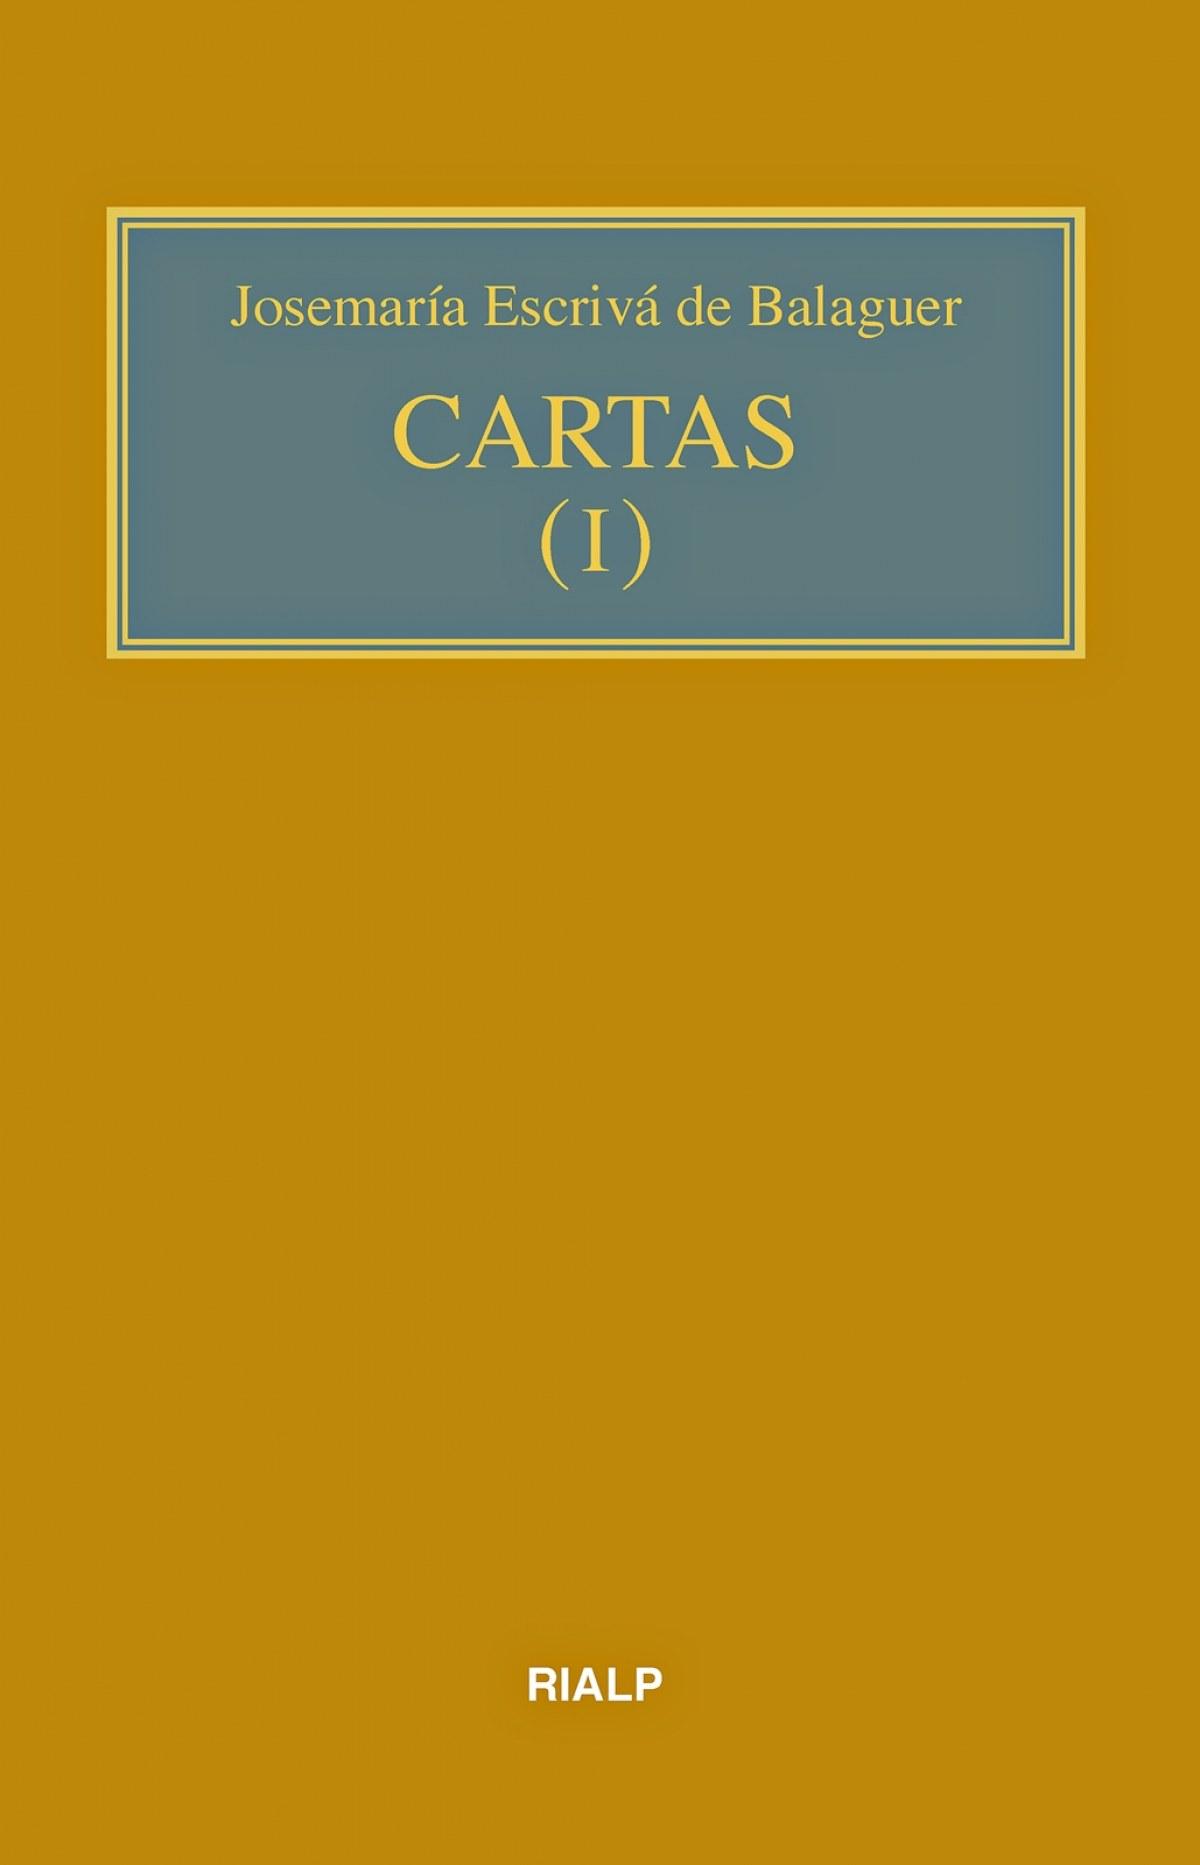 Cartas I (bolsillo, rústica)